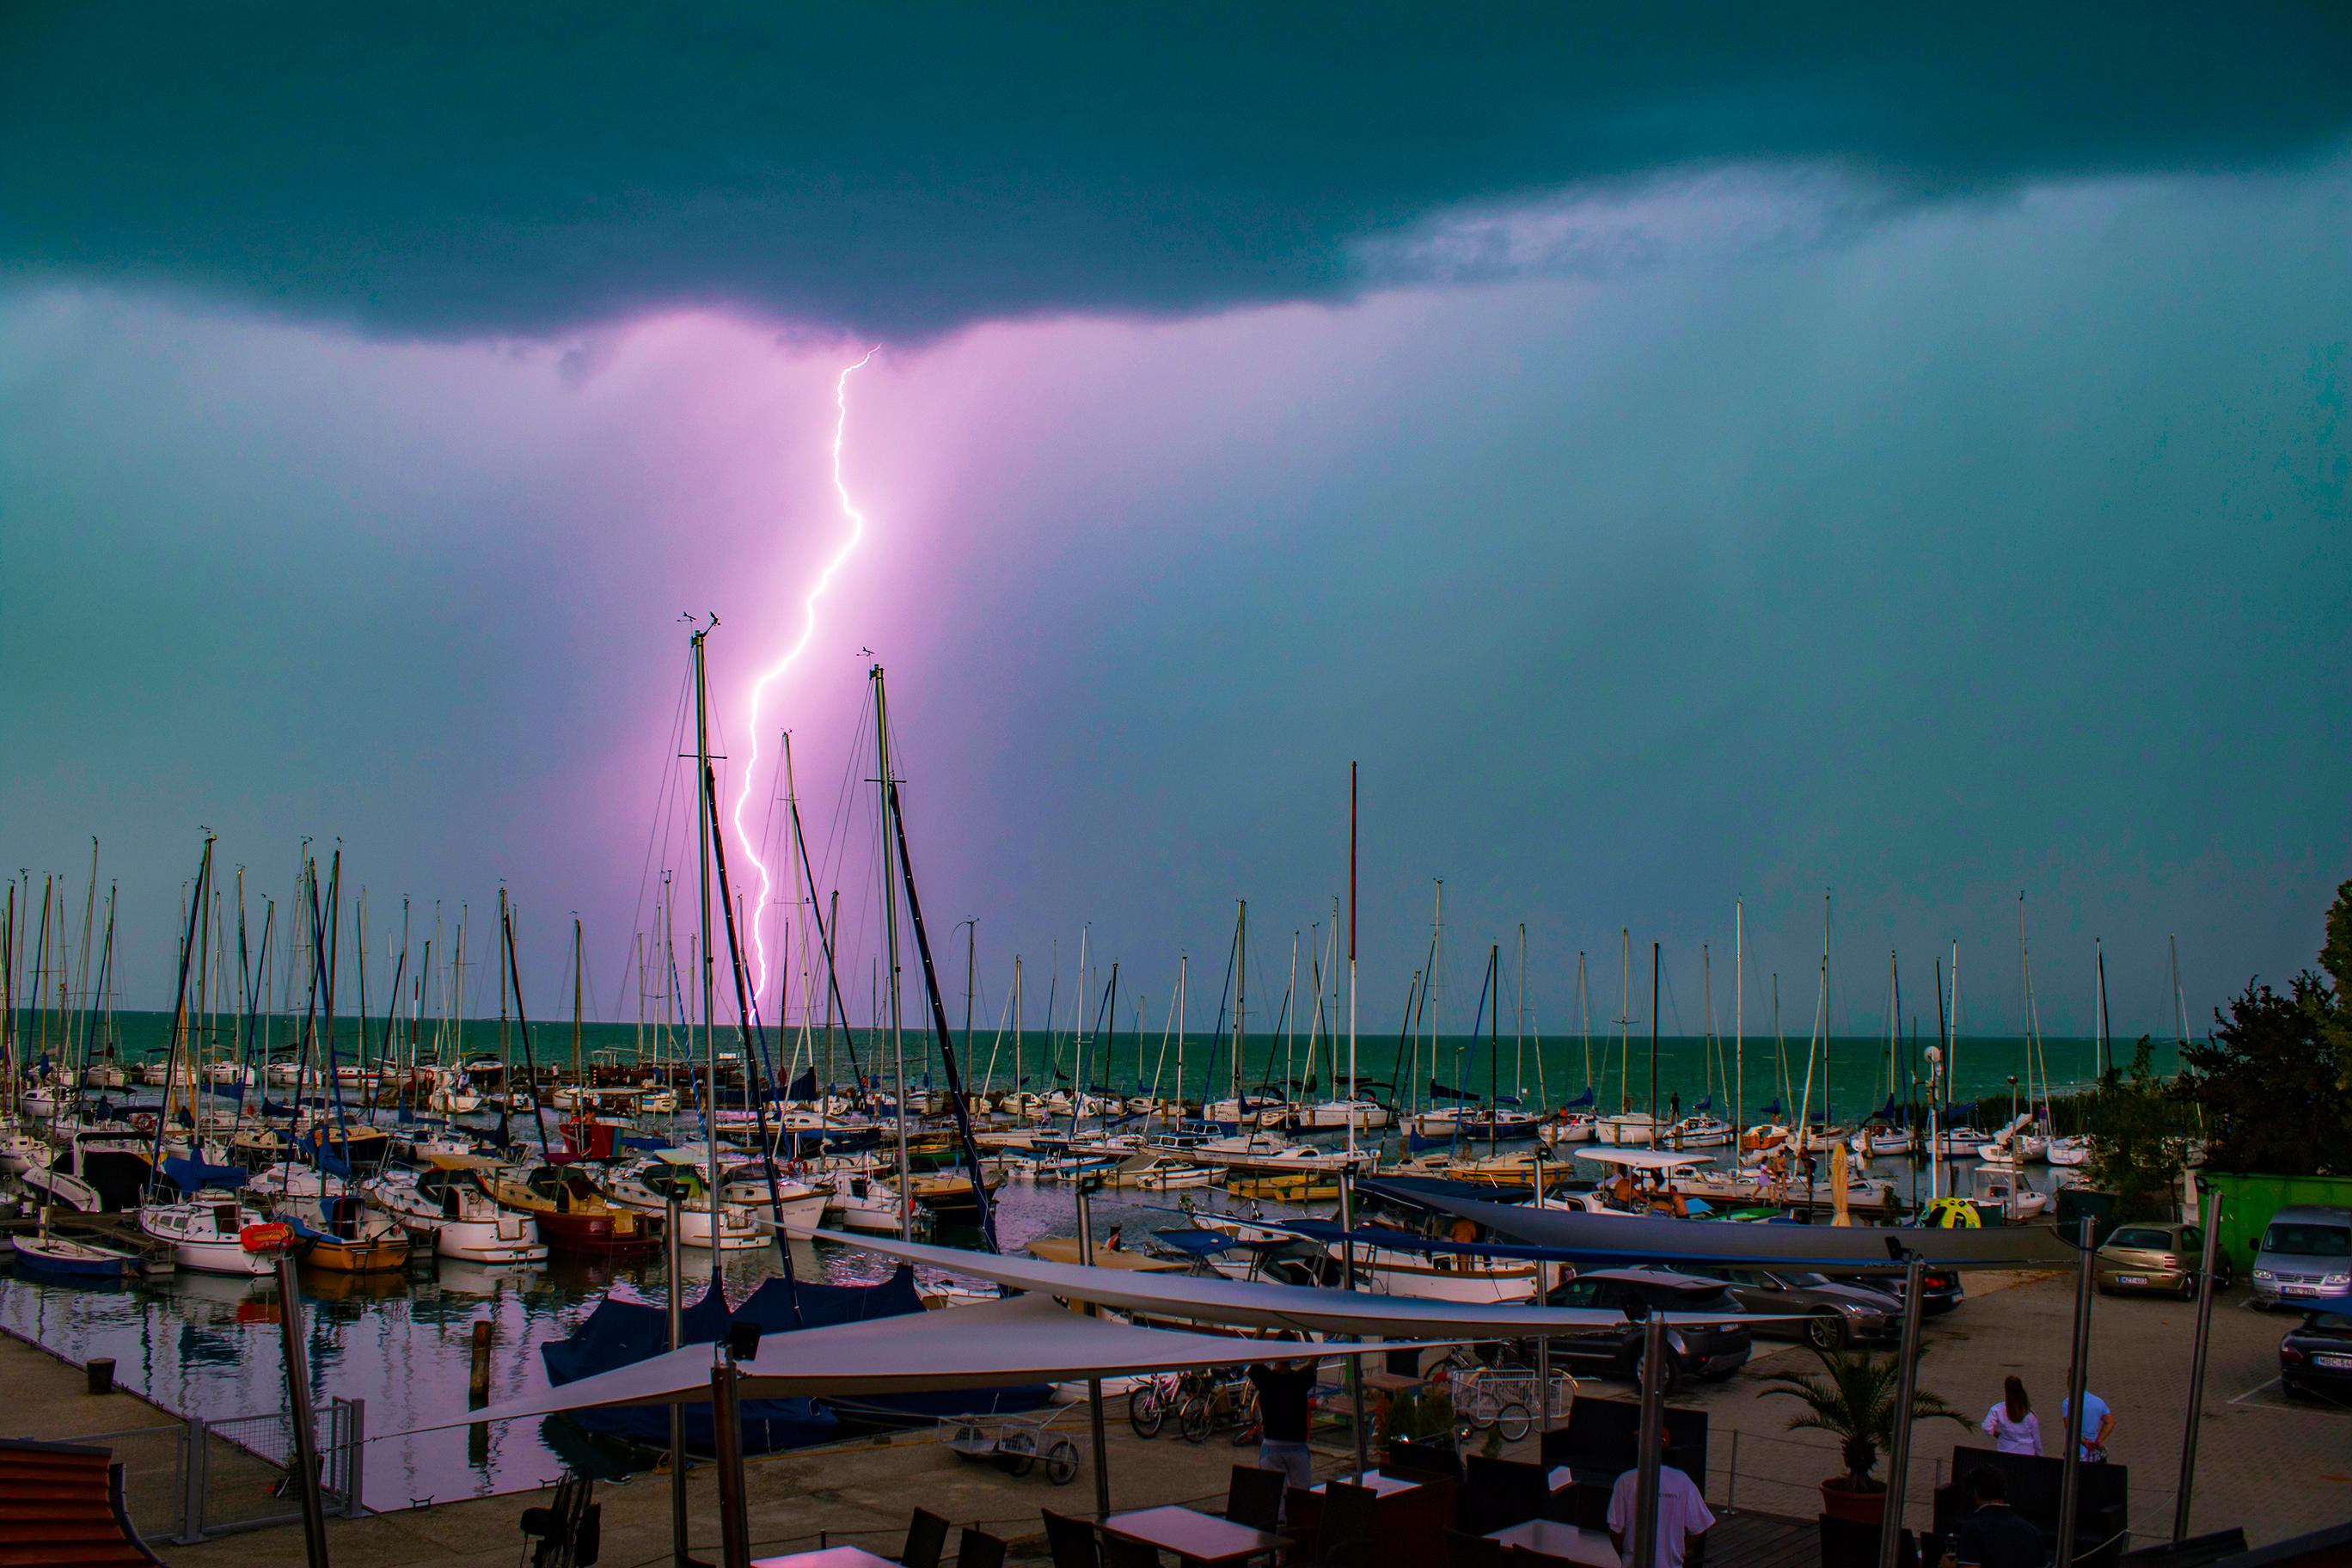 Torok-Brigi-Balaton-Vihar-Storm-Szel-Vitorlazas-Sailing-Eso-CsodalatosBalaton-HAJOZASHU